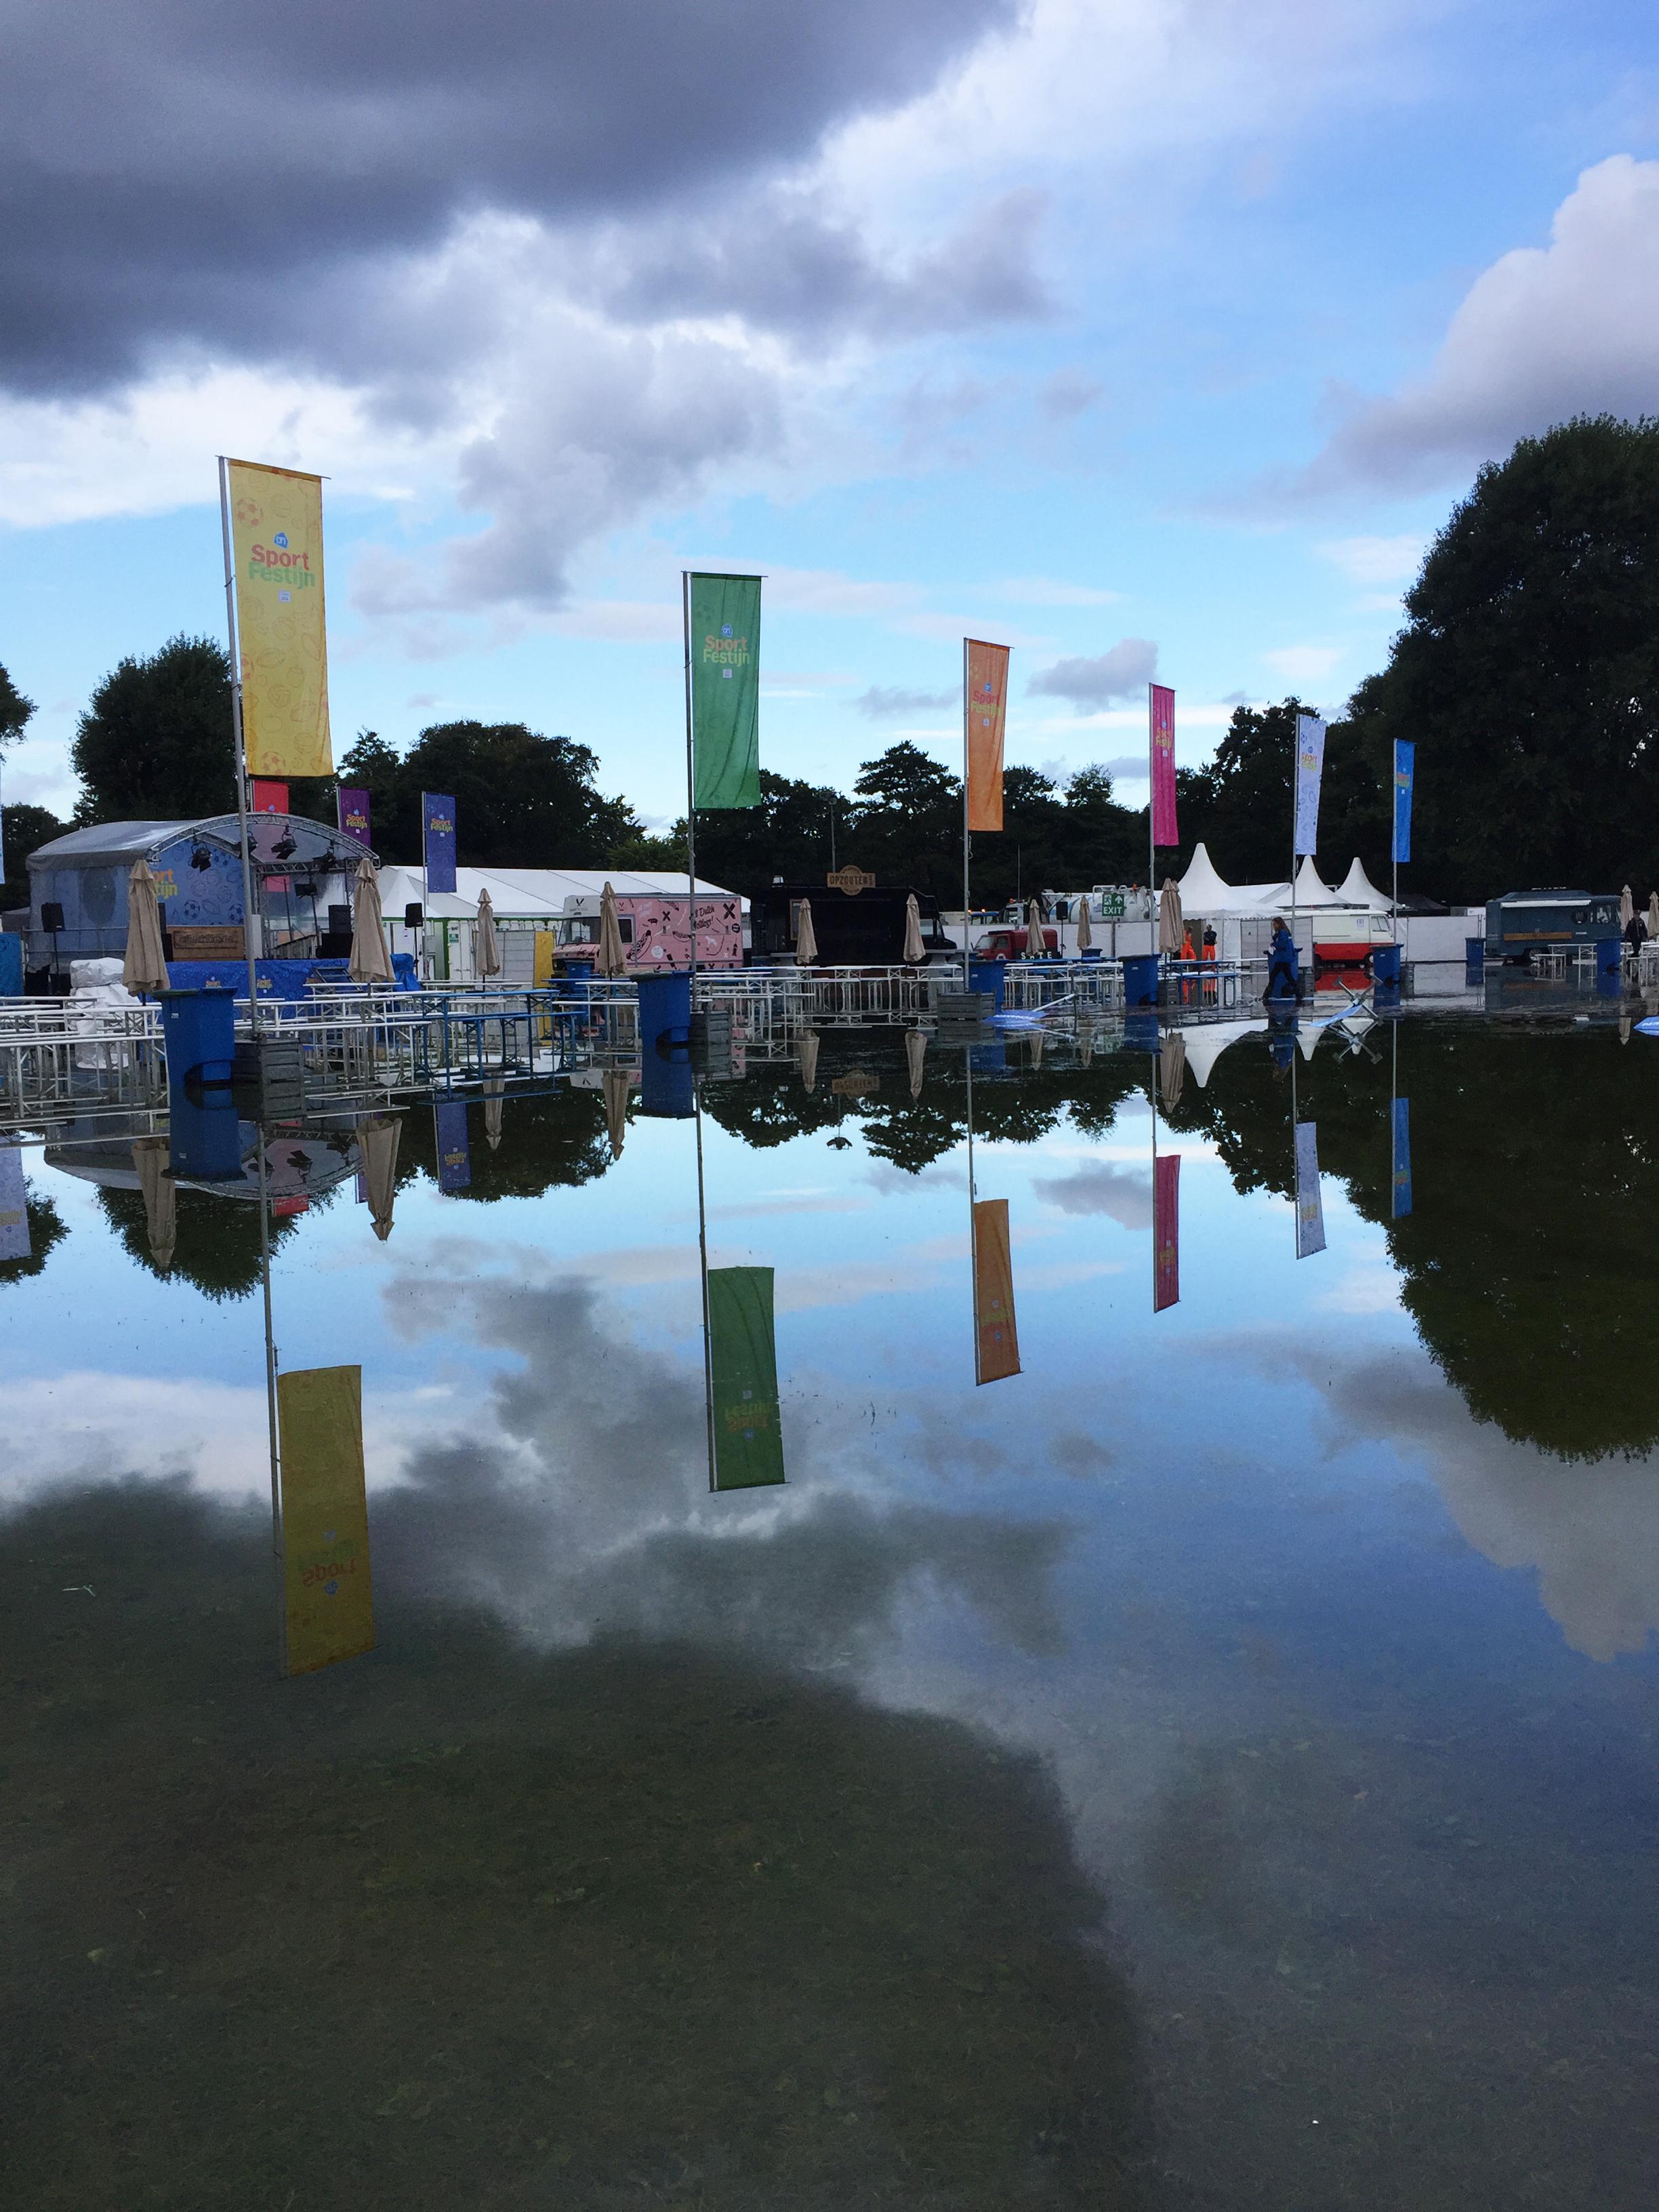 AH Sportfestijn door hevige regenval afgelast